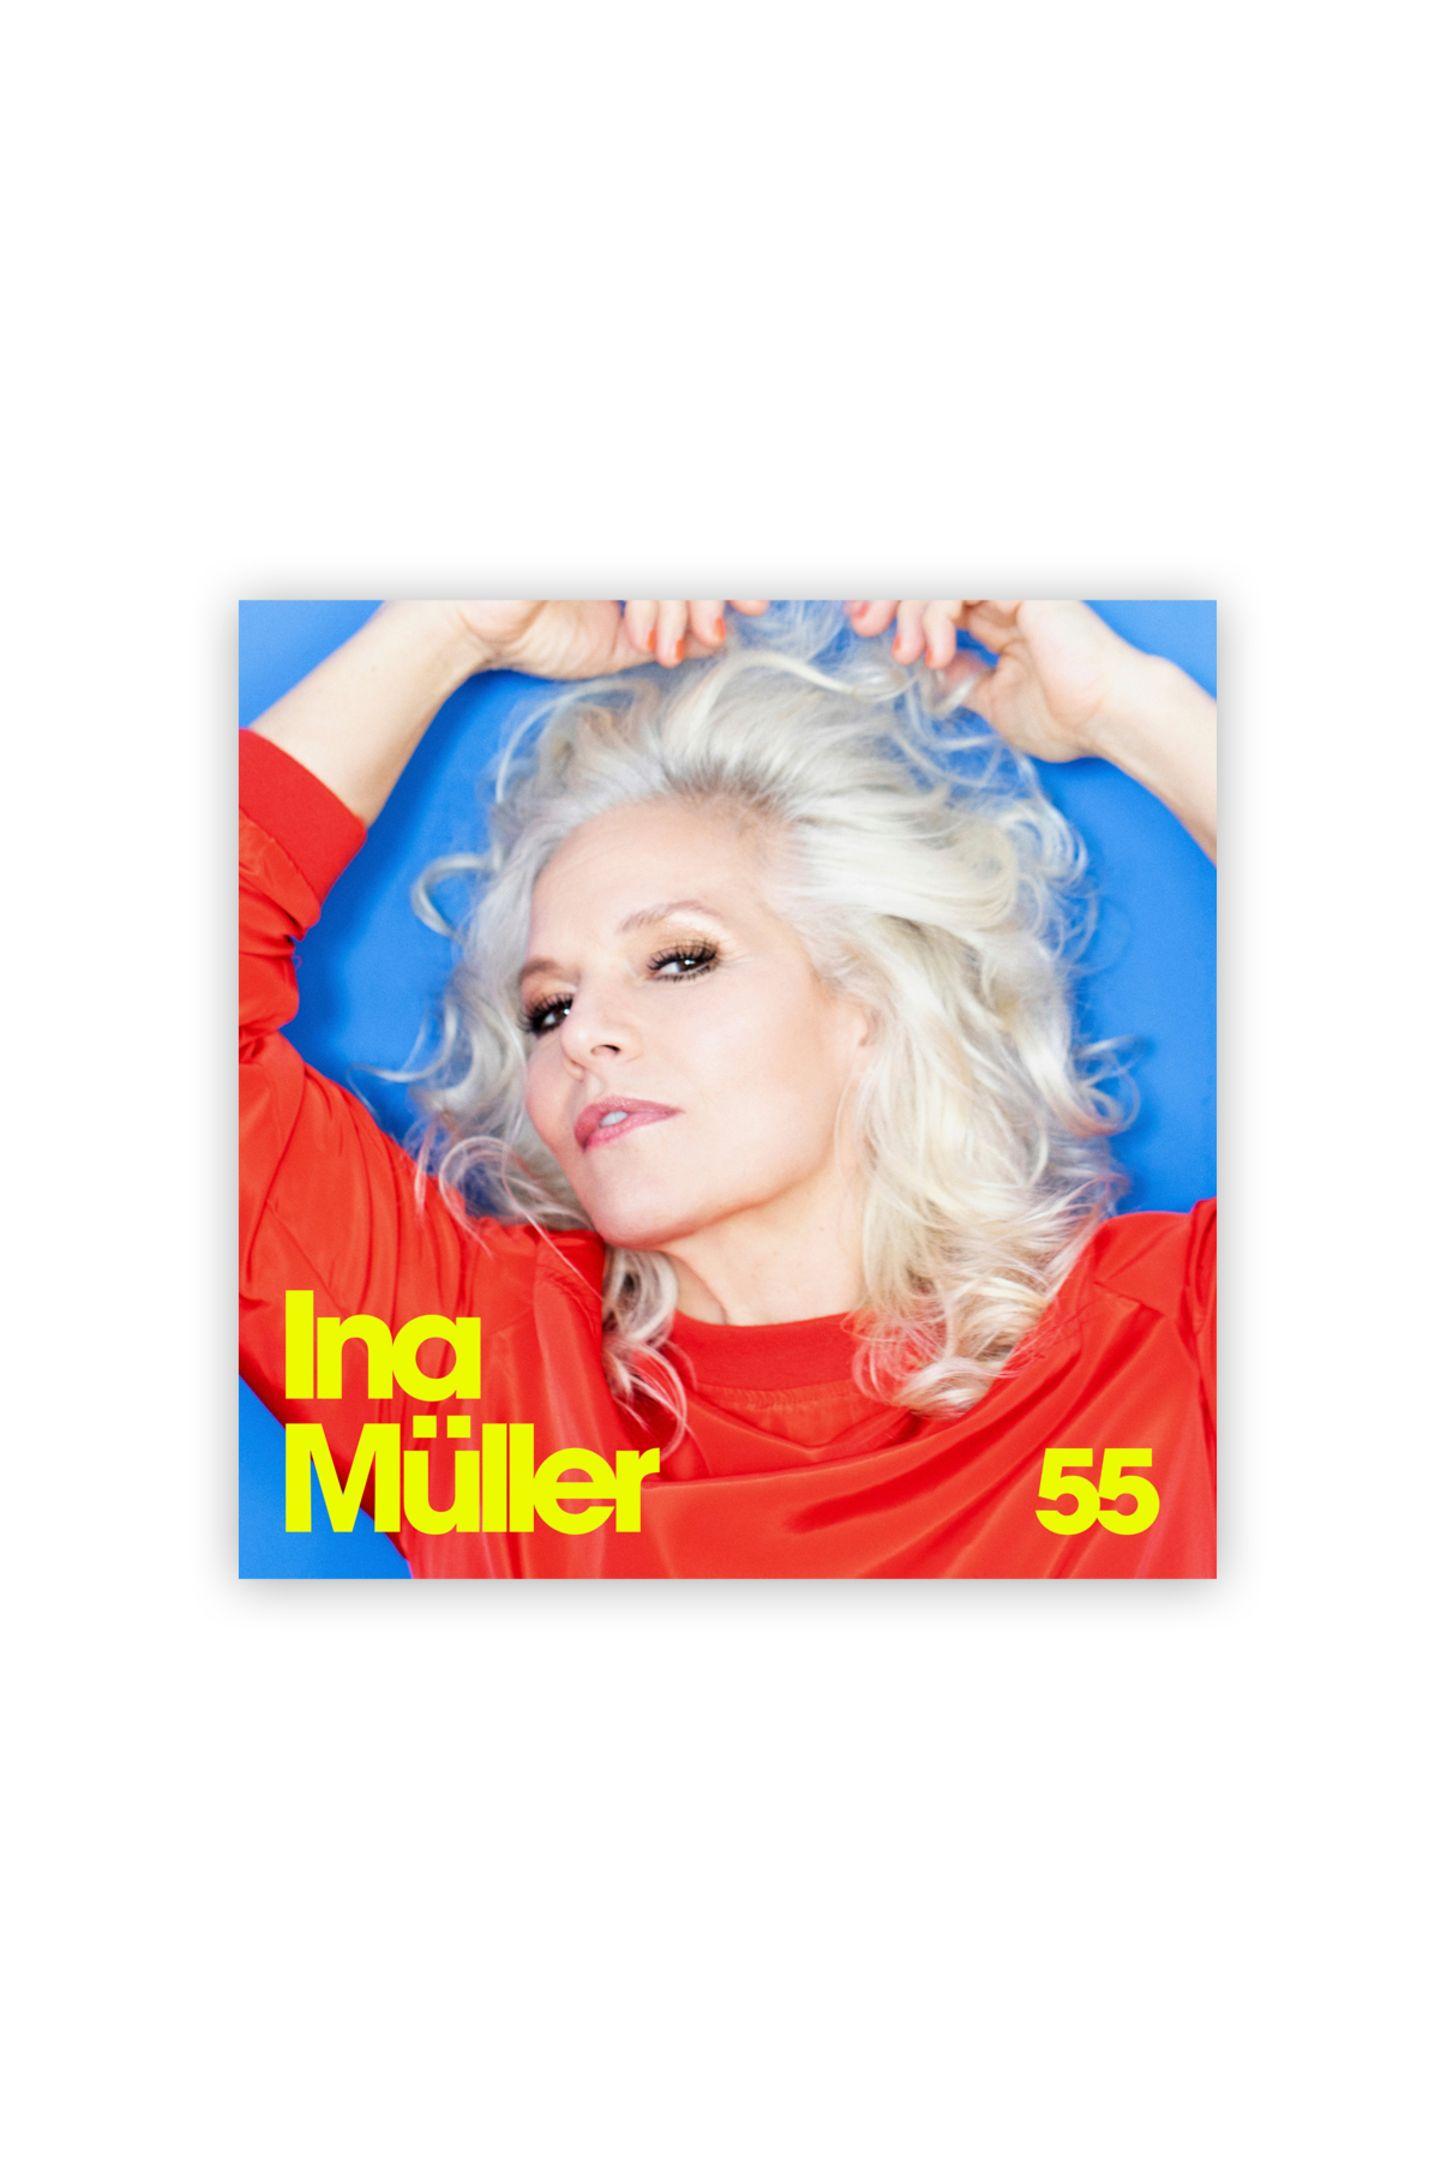 """Eine von unsRaue Stimme, weicher Kern: Das mittlerweile siebte Studioalbum desplatinblonden Nordlichts begeistert erneut mit smarten Texten, tollen Melodien und einer gehörigen Prise Humor. """"55"""" von Ina Müller, ca. 15 Euro"""